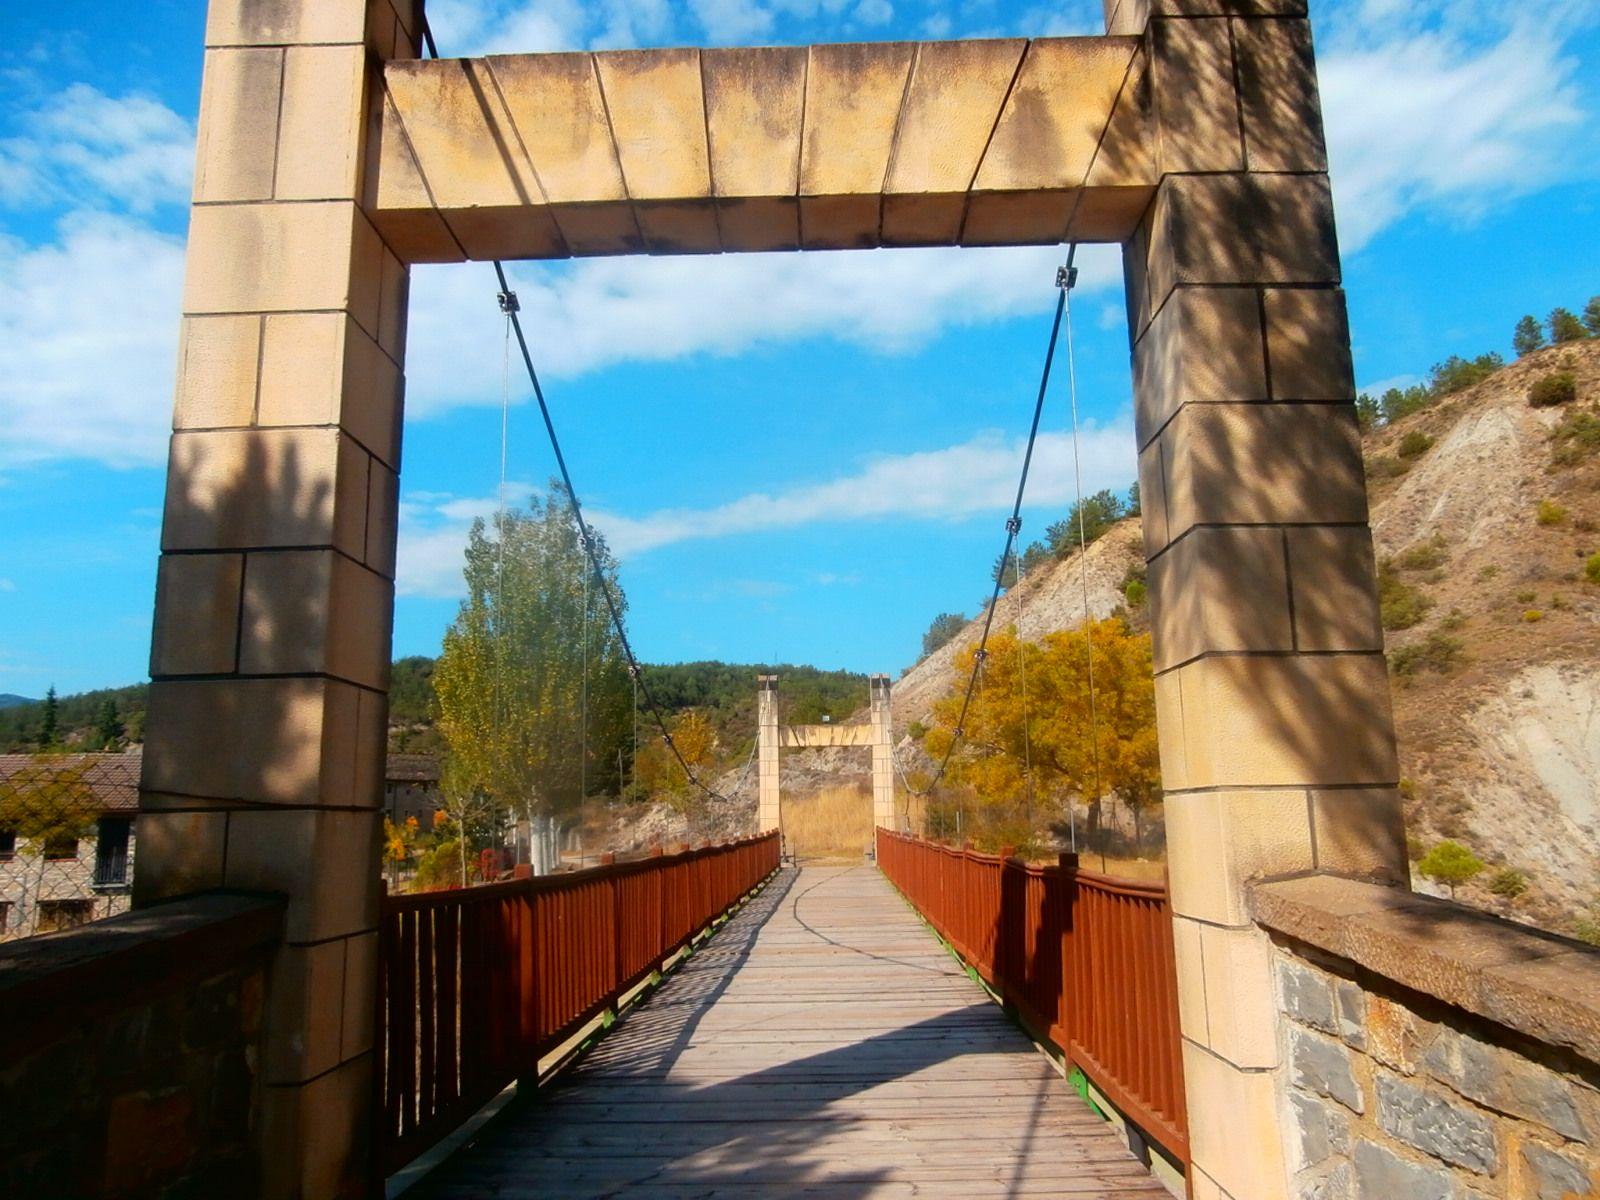 Puente que cruza la A-138. Foto: SobrarbeDuigital.